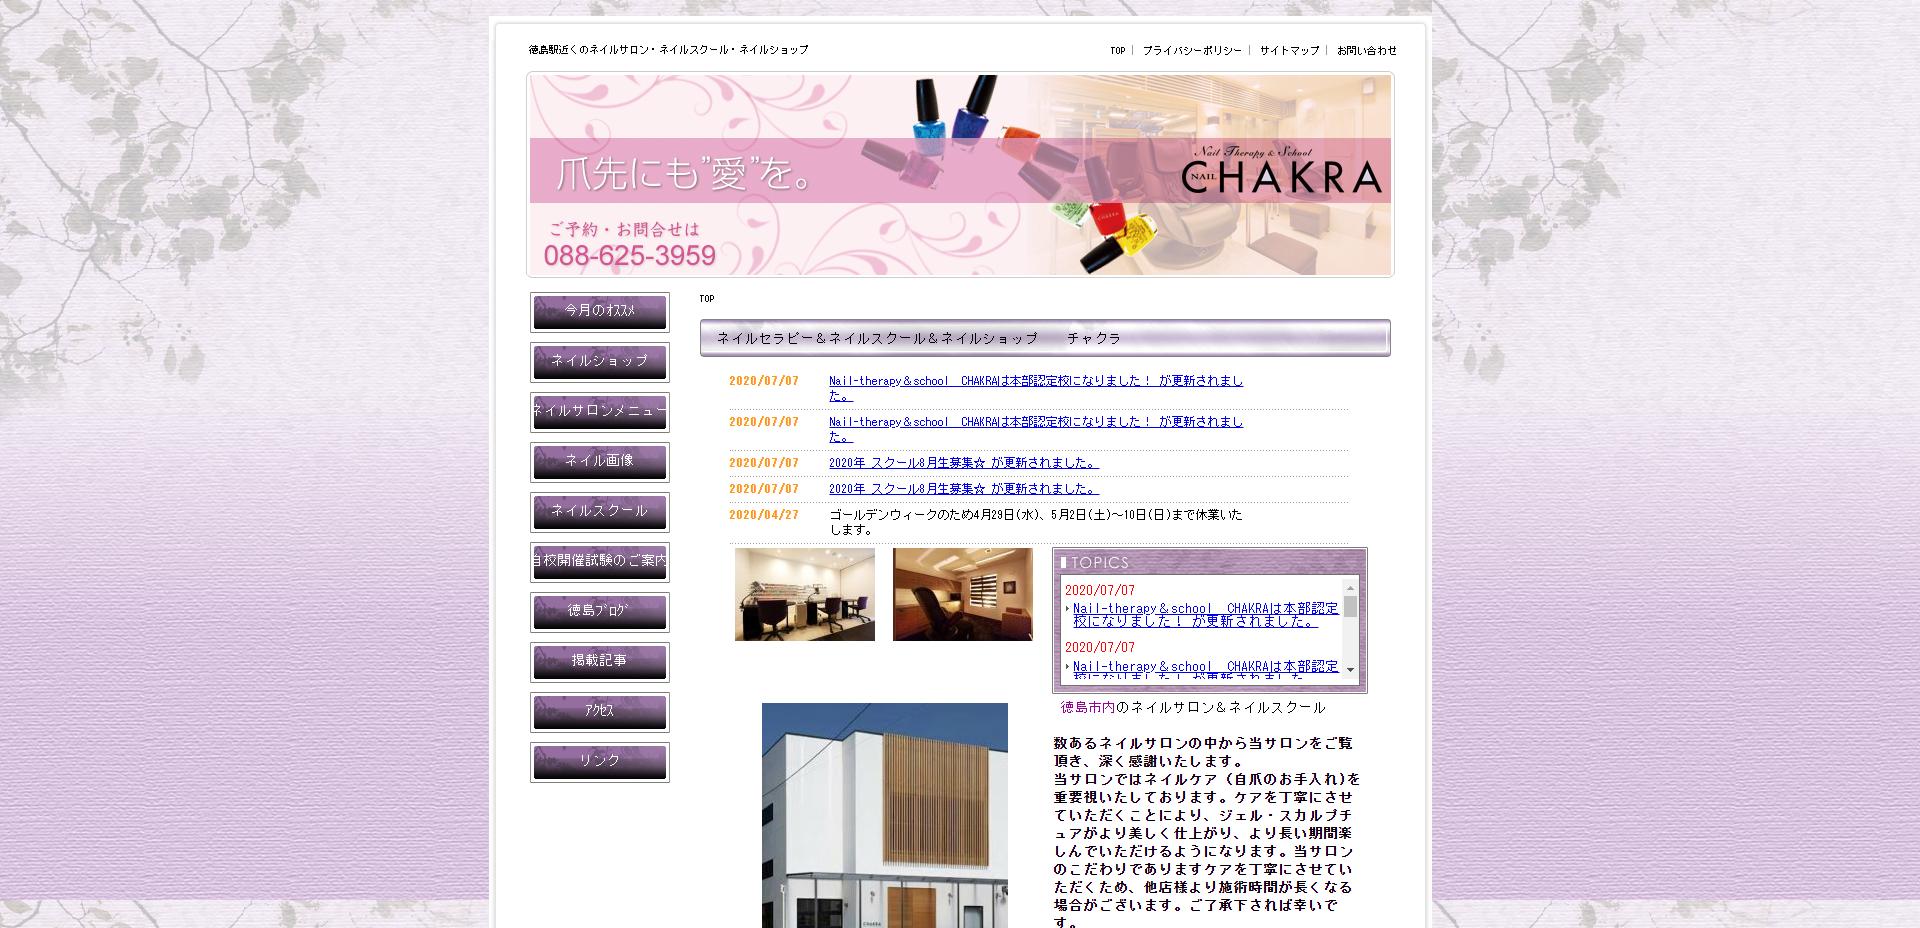 ネイルサロン&ネイルスクール&ネイルショップ CHAKRA(チャクラ)